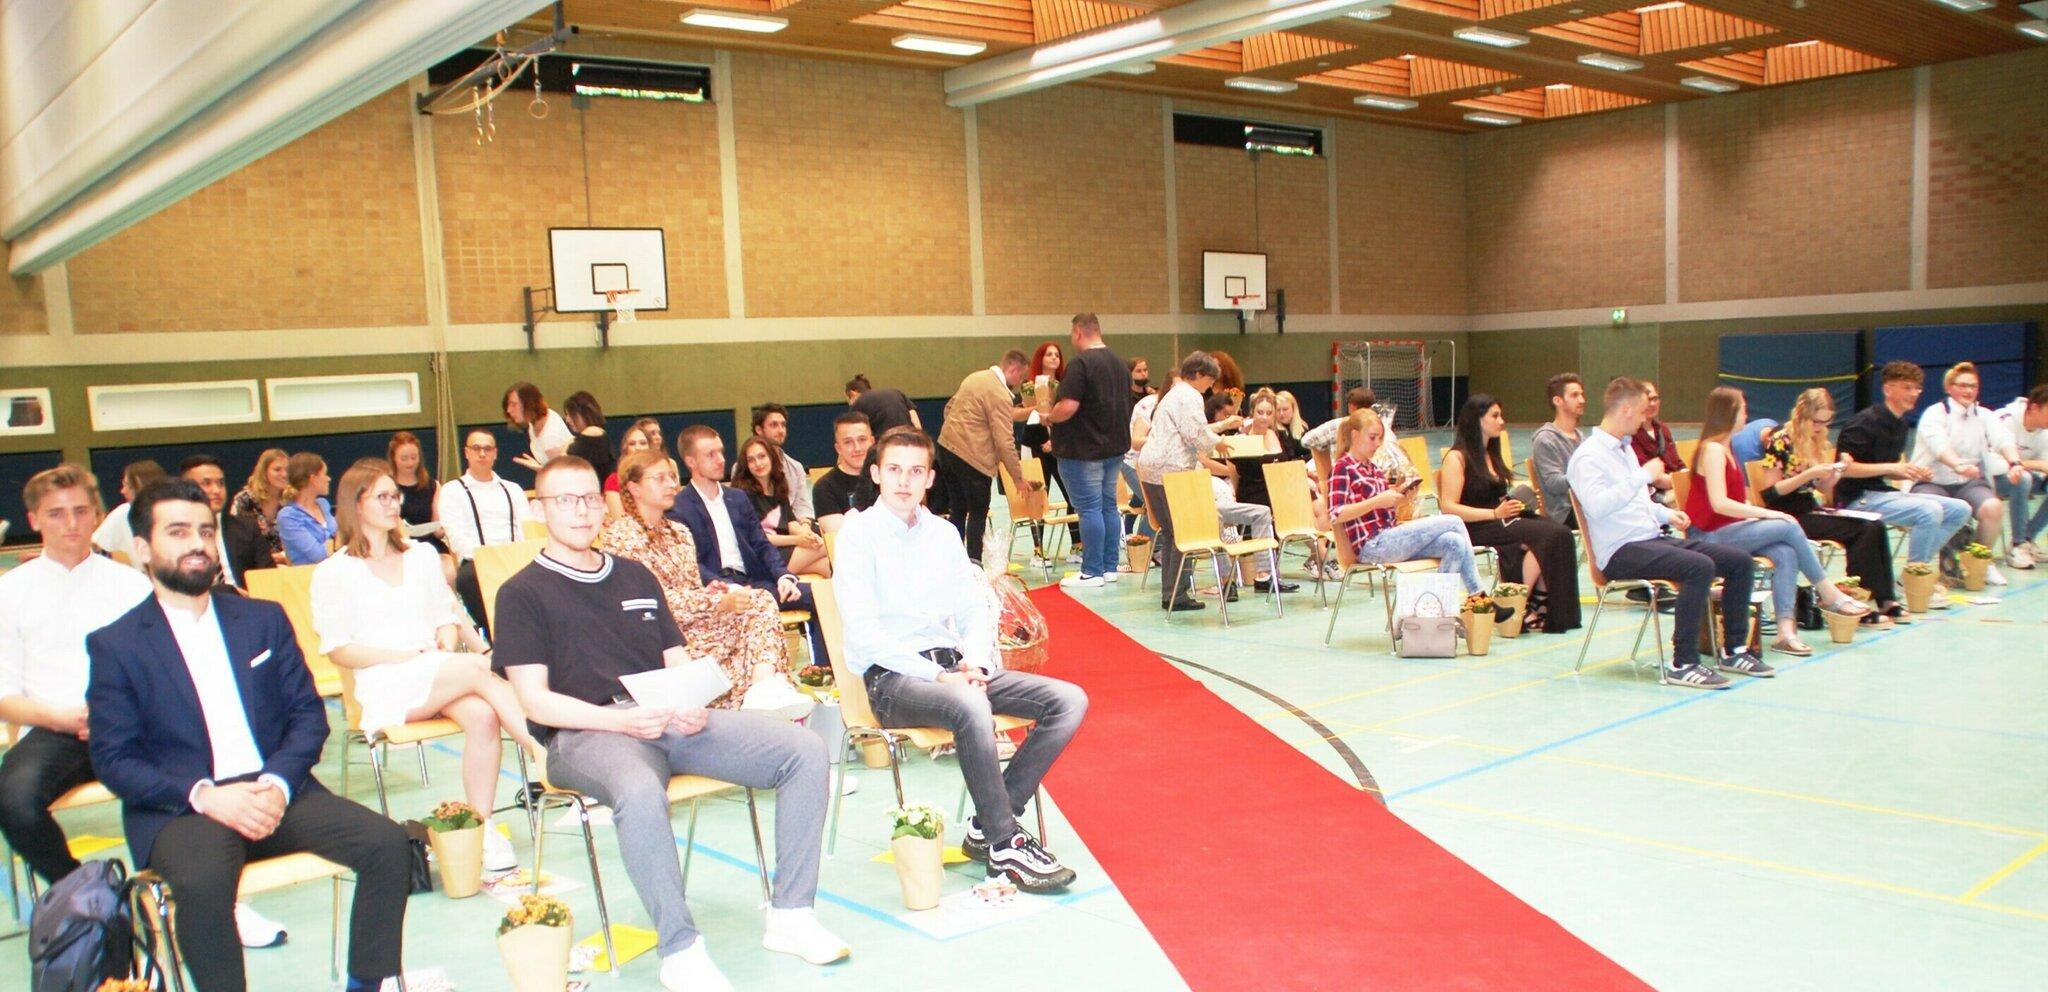 BBS Buxtehude: Feierliche Verabschiedung der Auszubildenden im Einzelhandel                                                                  Schule ist nicht nur Bildung